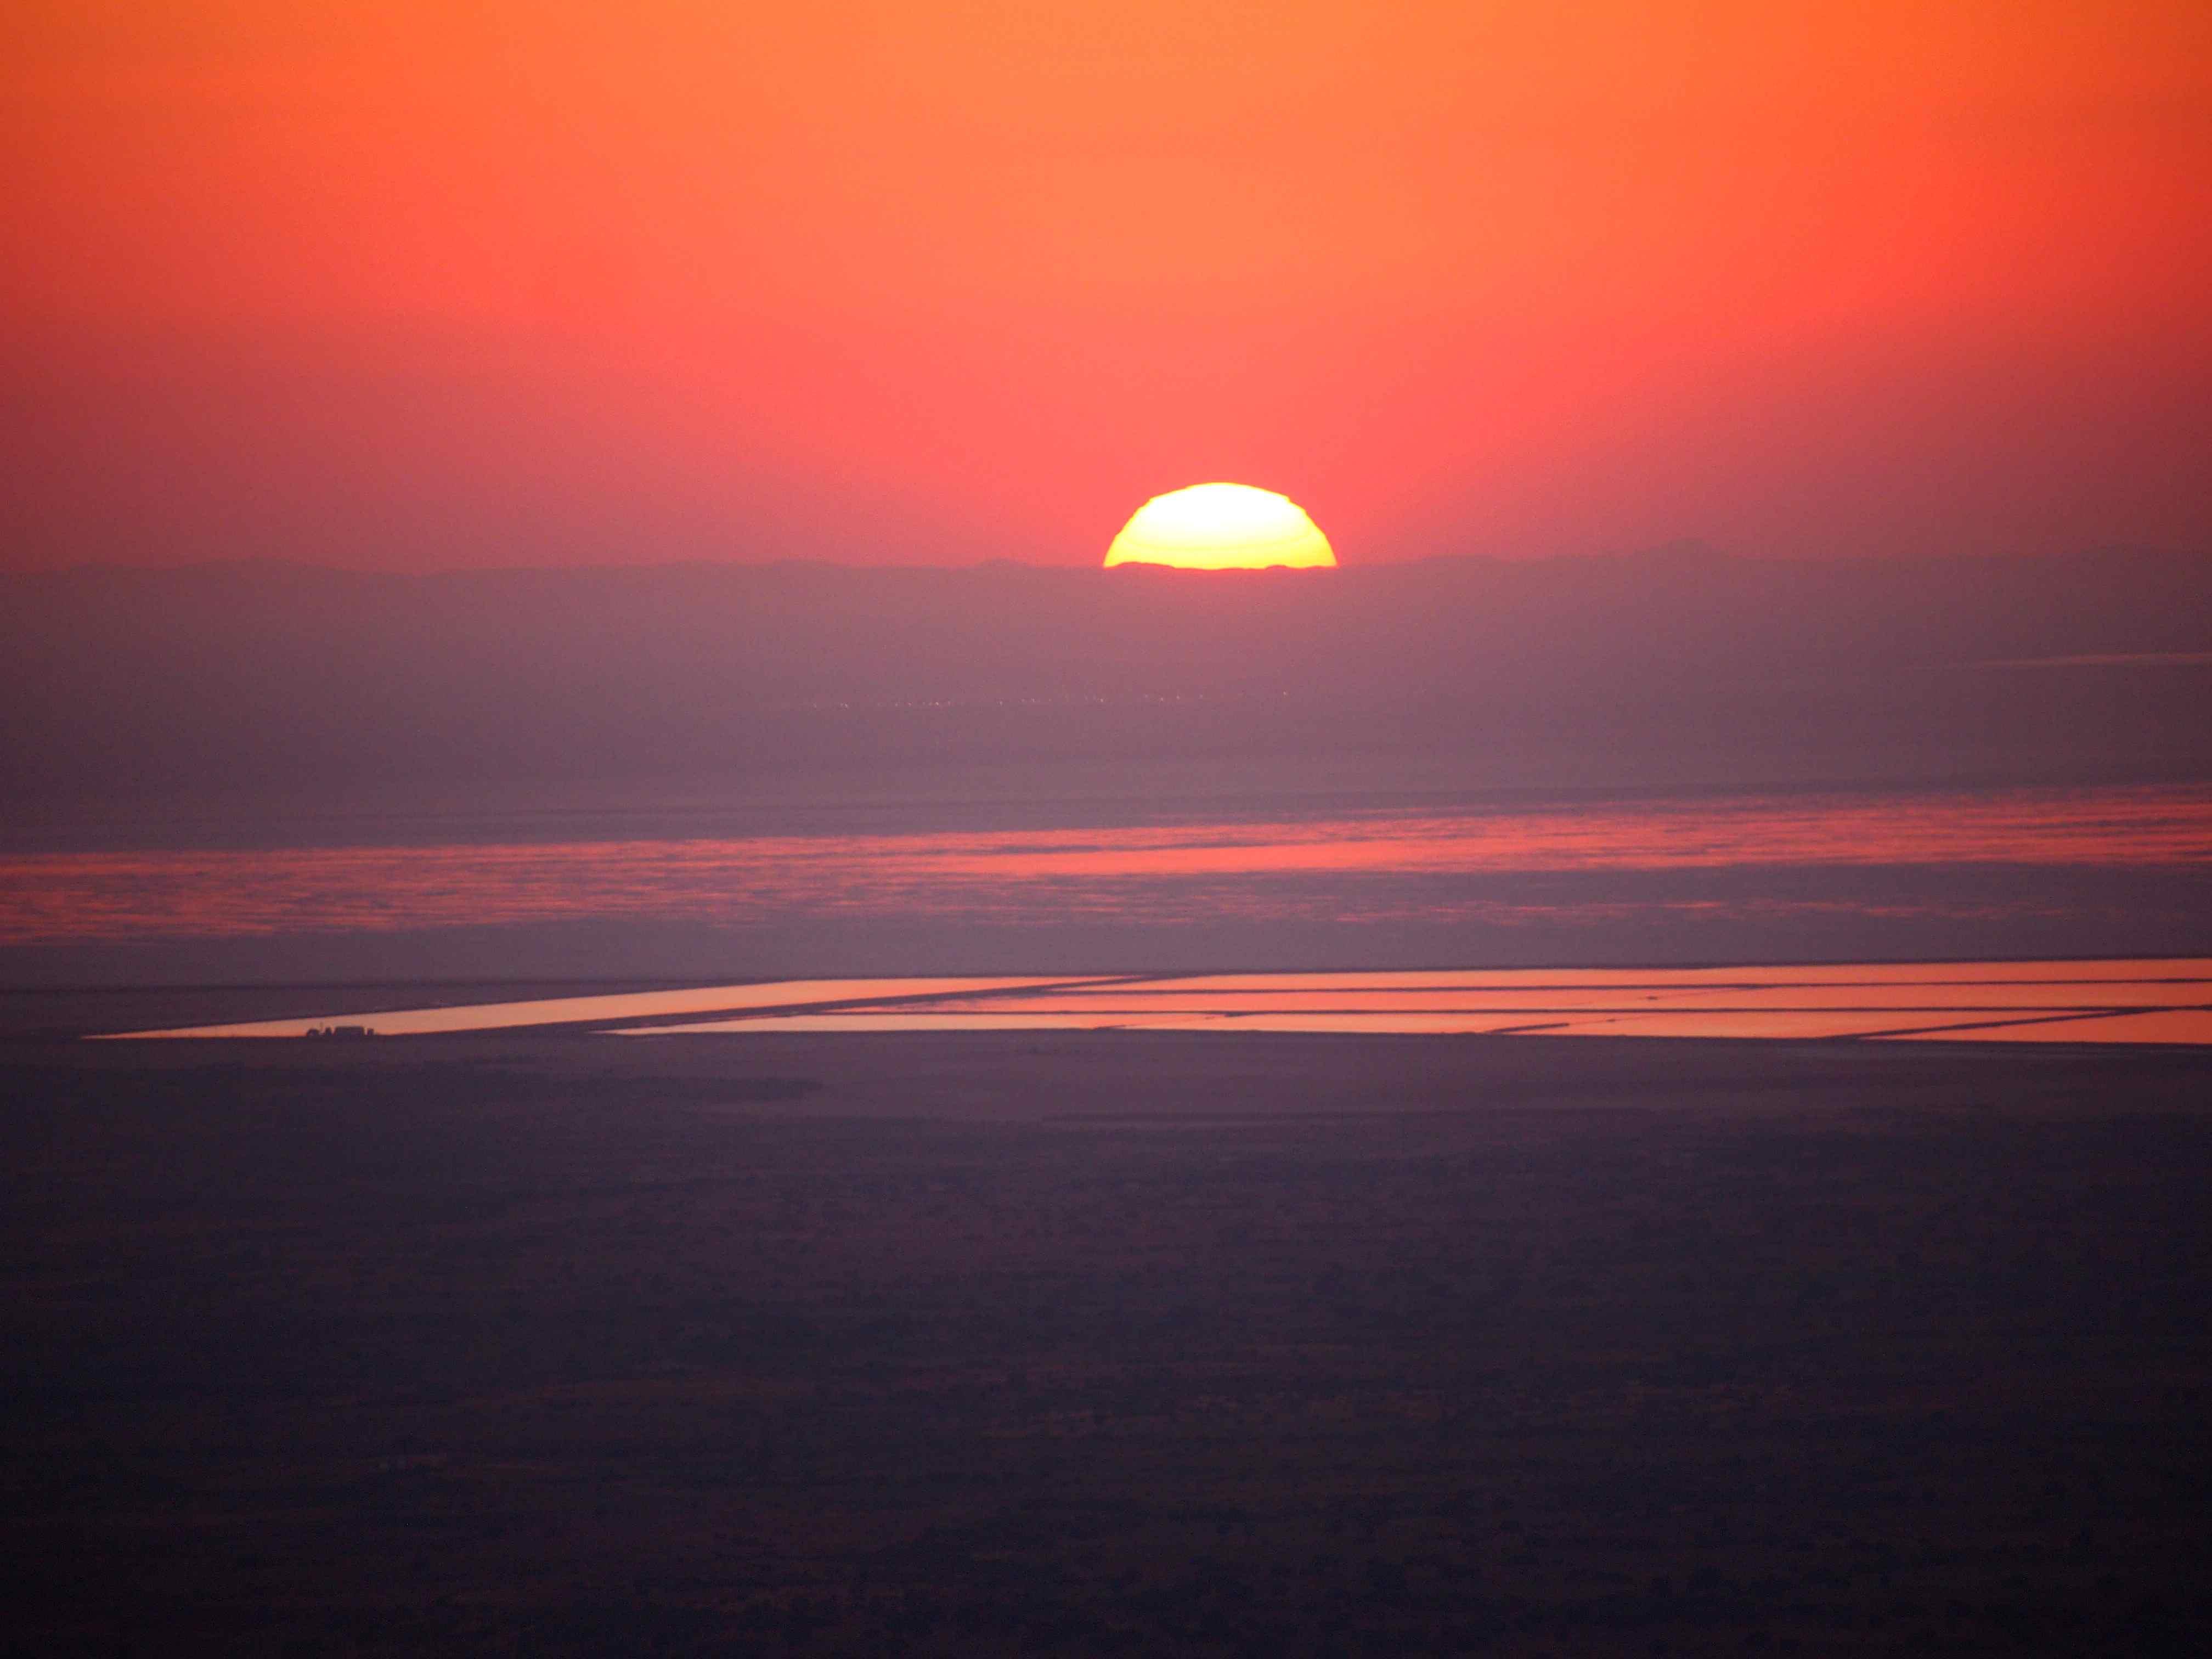 Sunset at Kalo Dungar